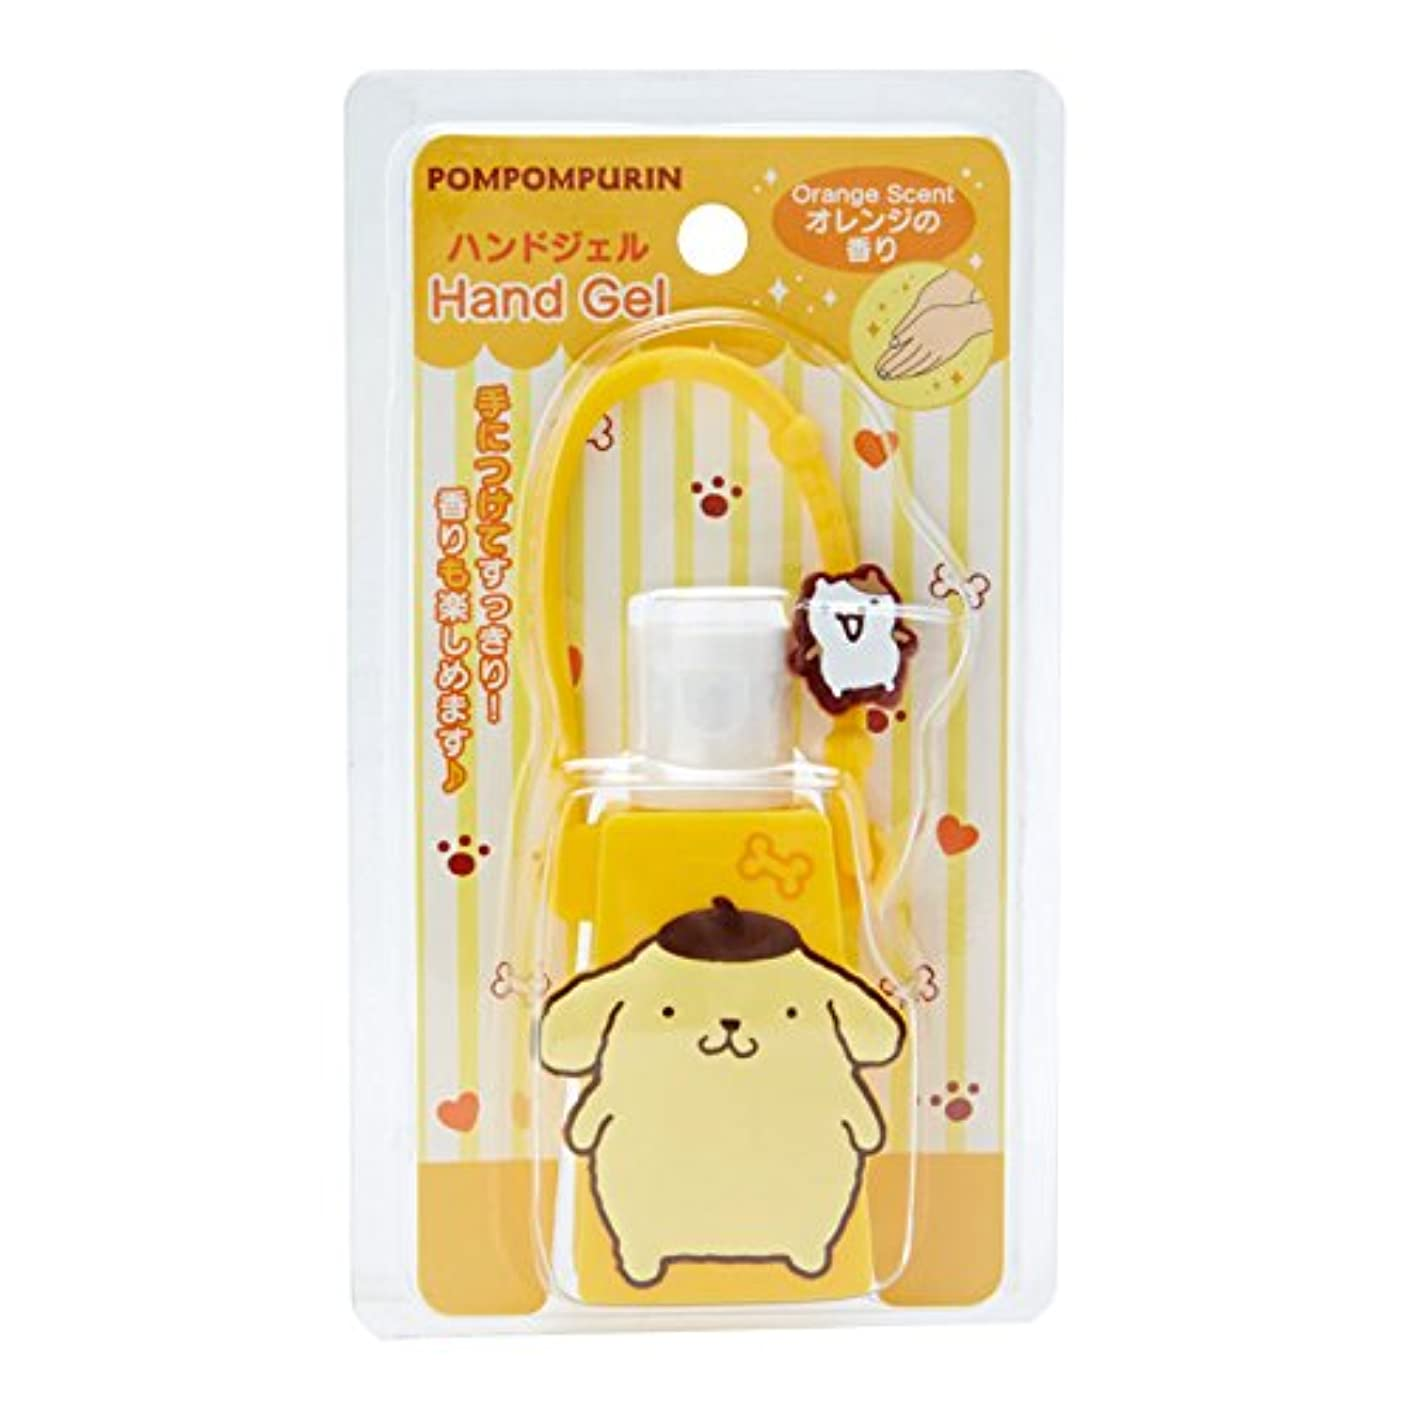 リース不定優越ポムポムプリン 携帯ハンドジェル(オレンジの香り)